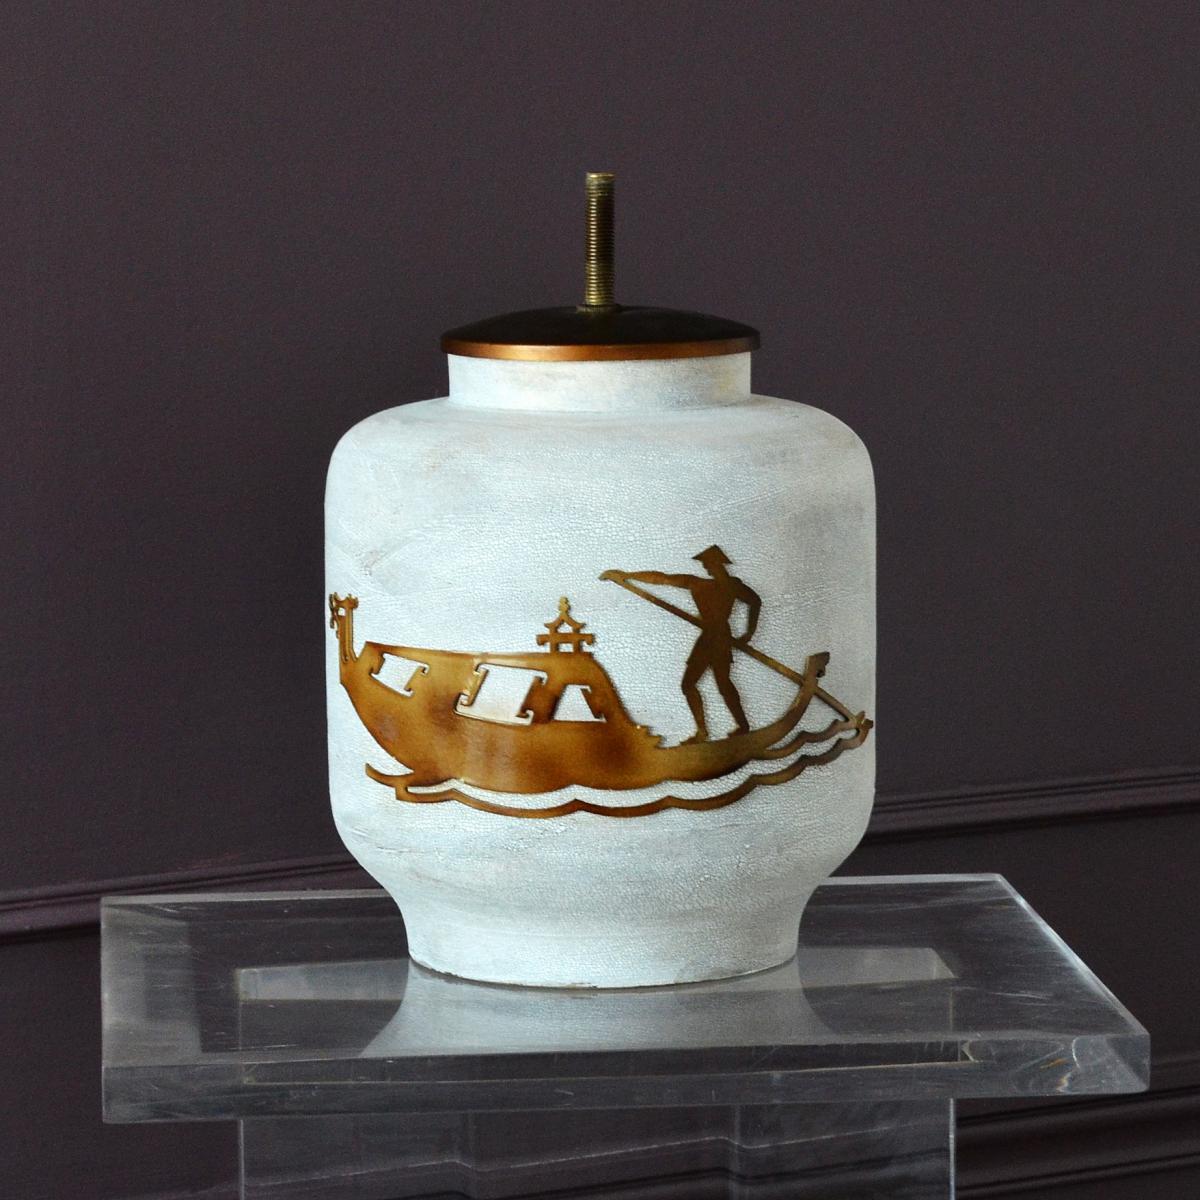 pied de lampe en c ramique d cor de gondolier chinois lampes. Black Bedroom Furniture Sets. Home Design Ideas